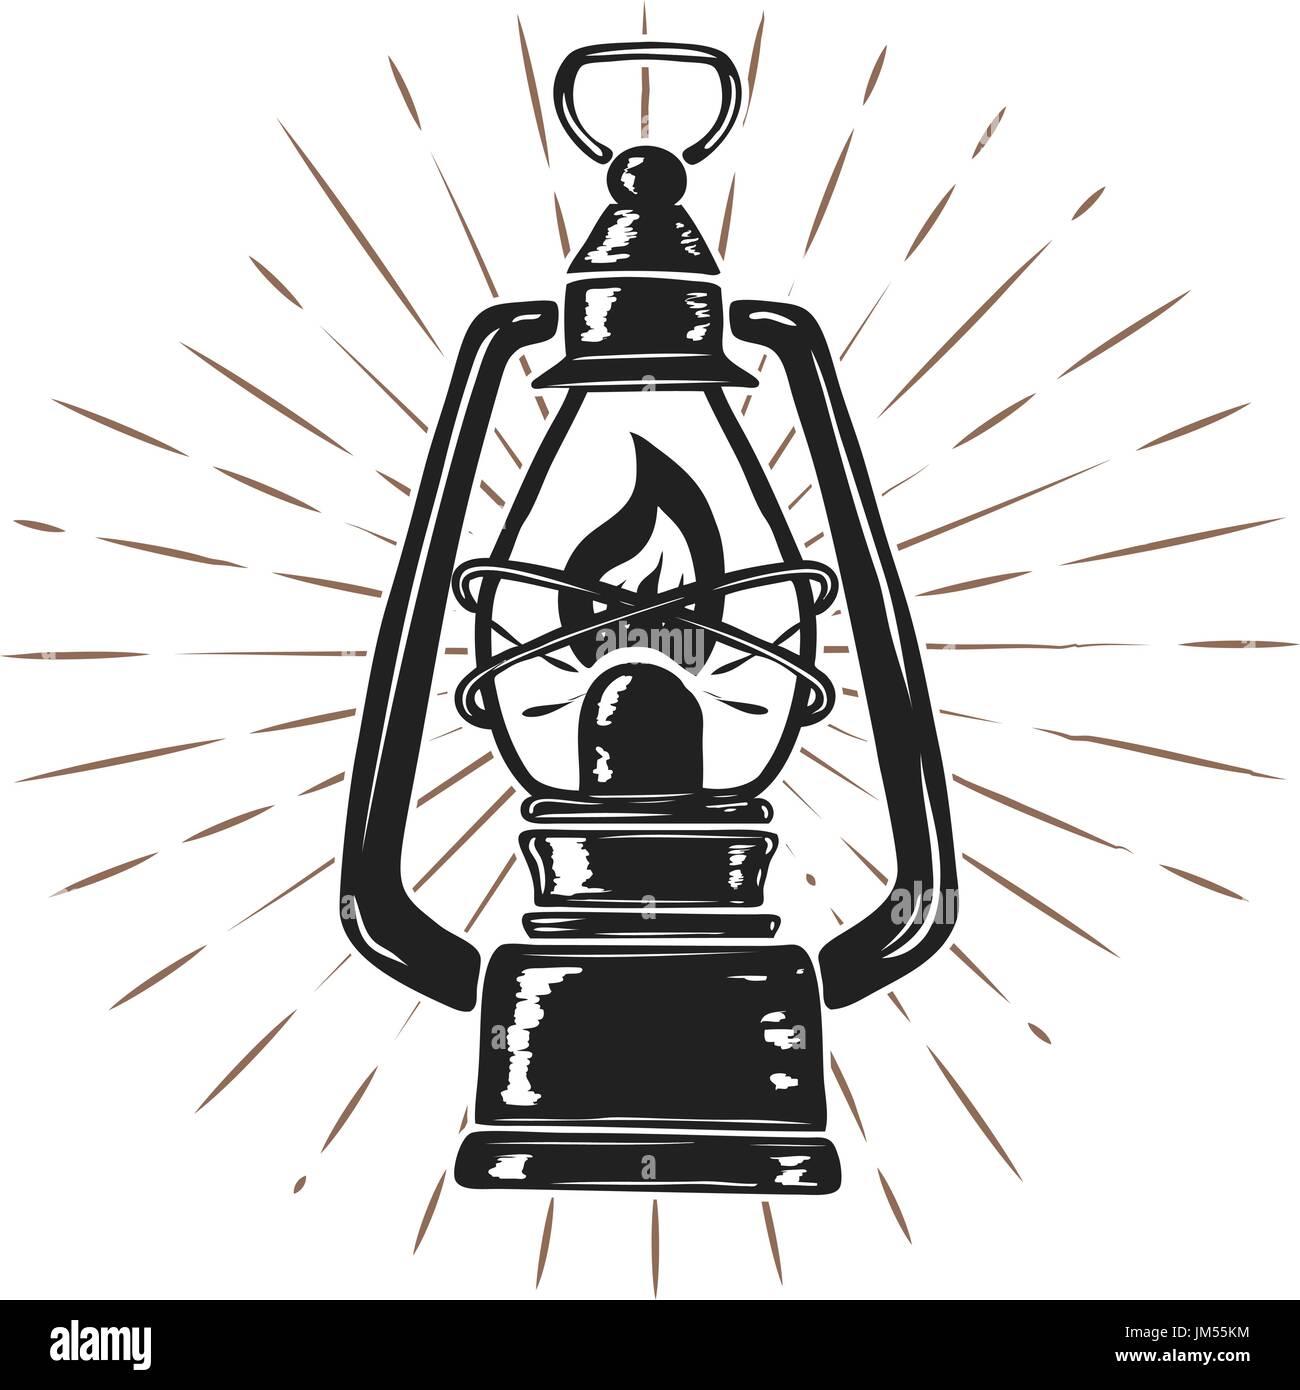 Vintage hand drawn kerosene lamp on sunburst background. Design element for logo, label, emblem, sign, poster. Vector illustration - Stock Vector